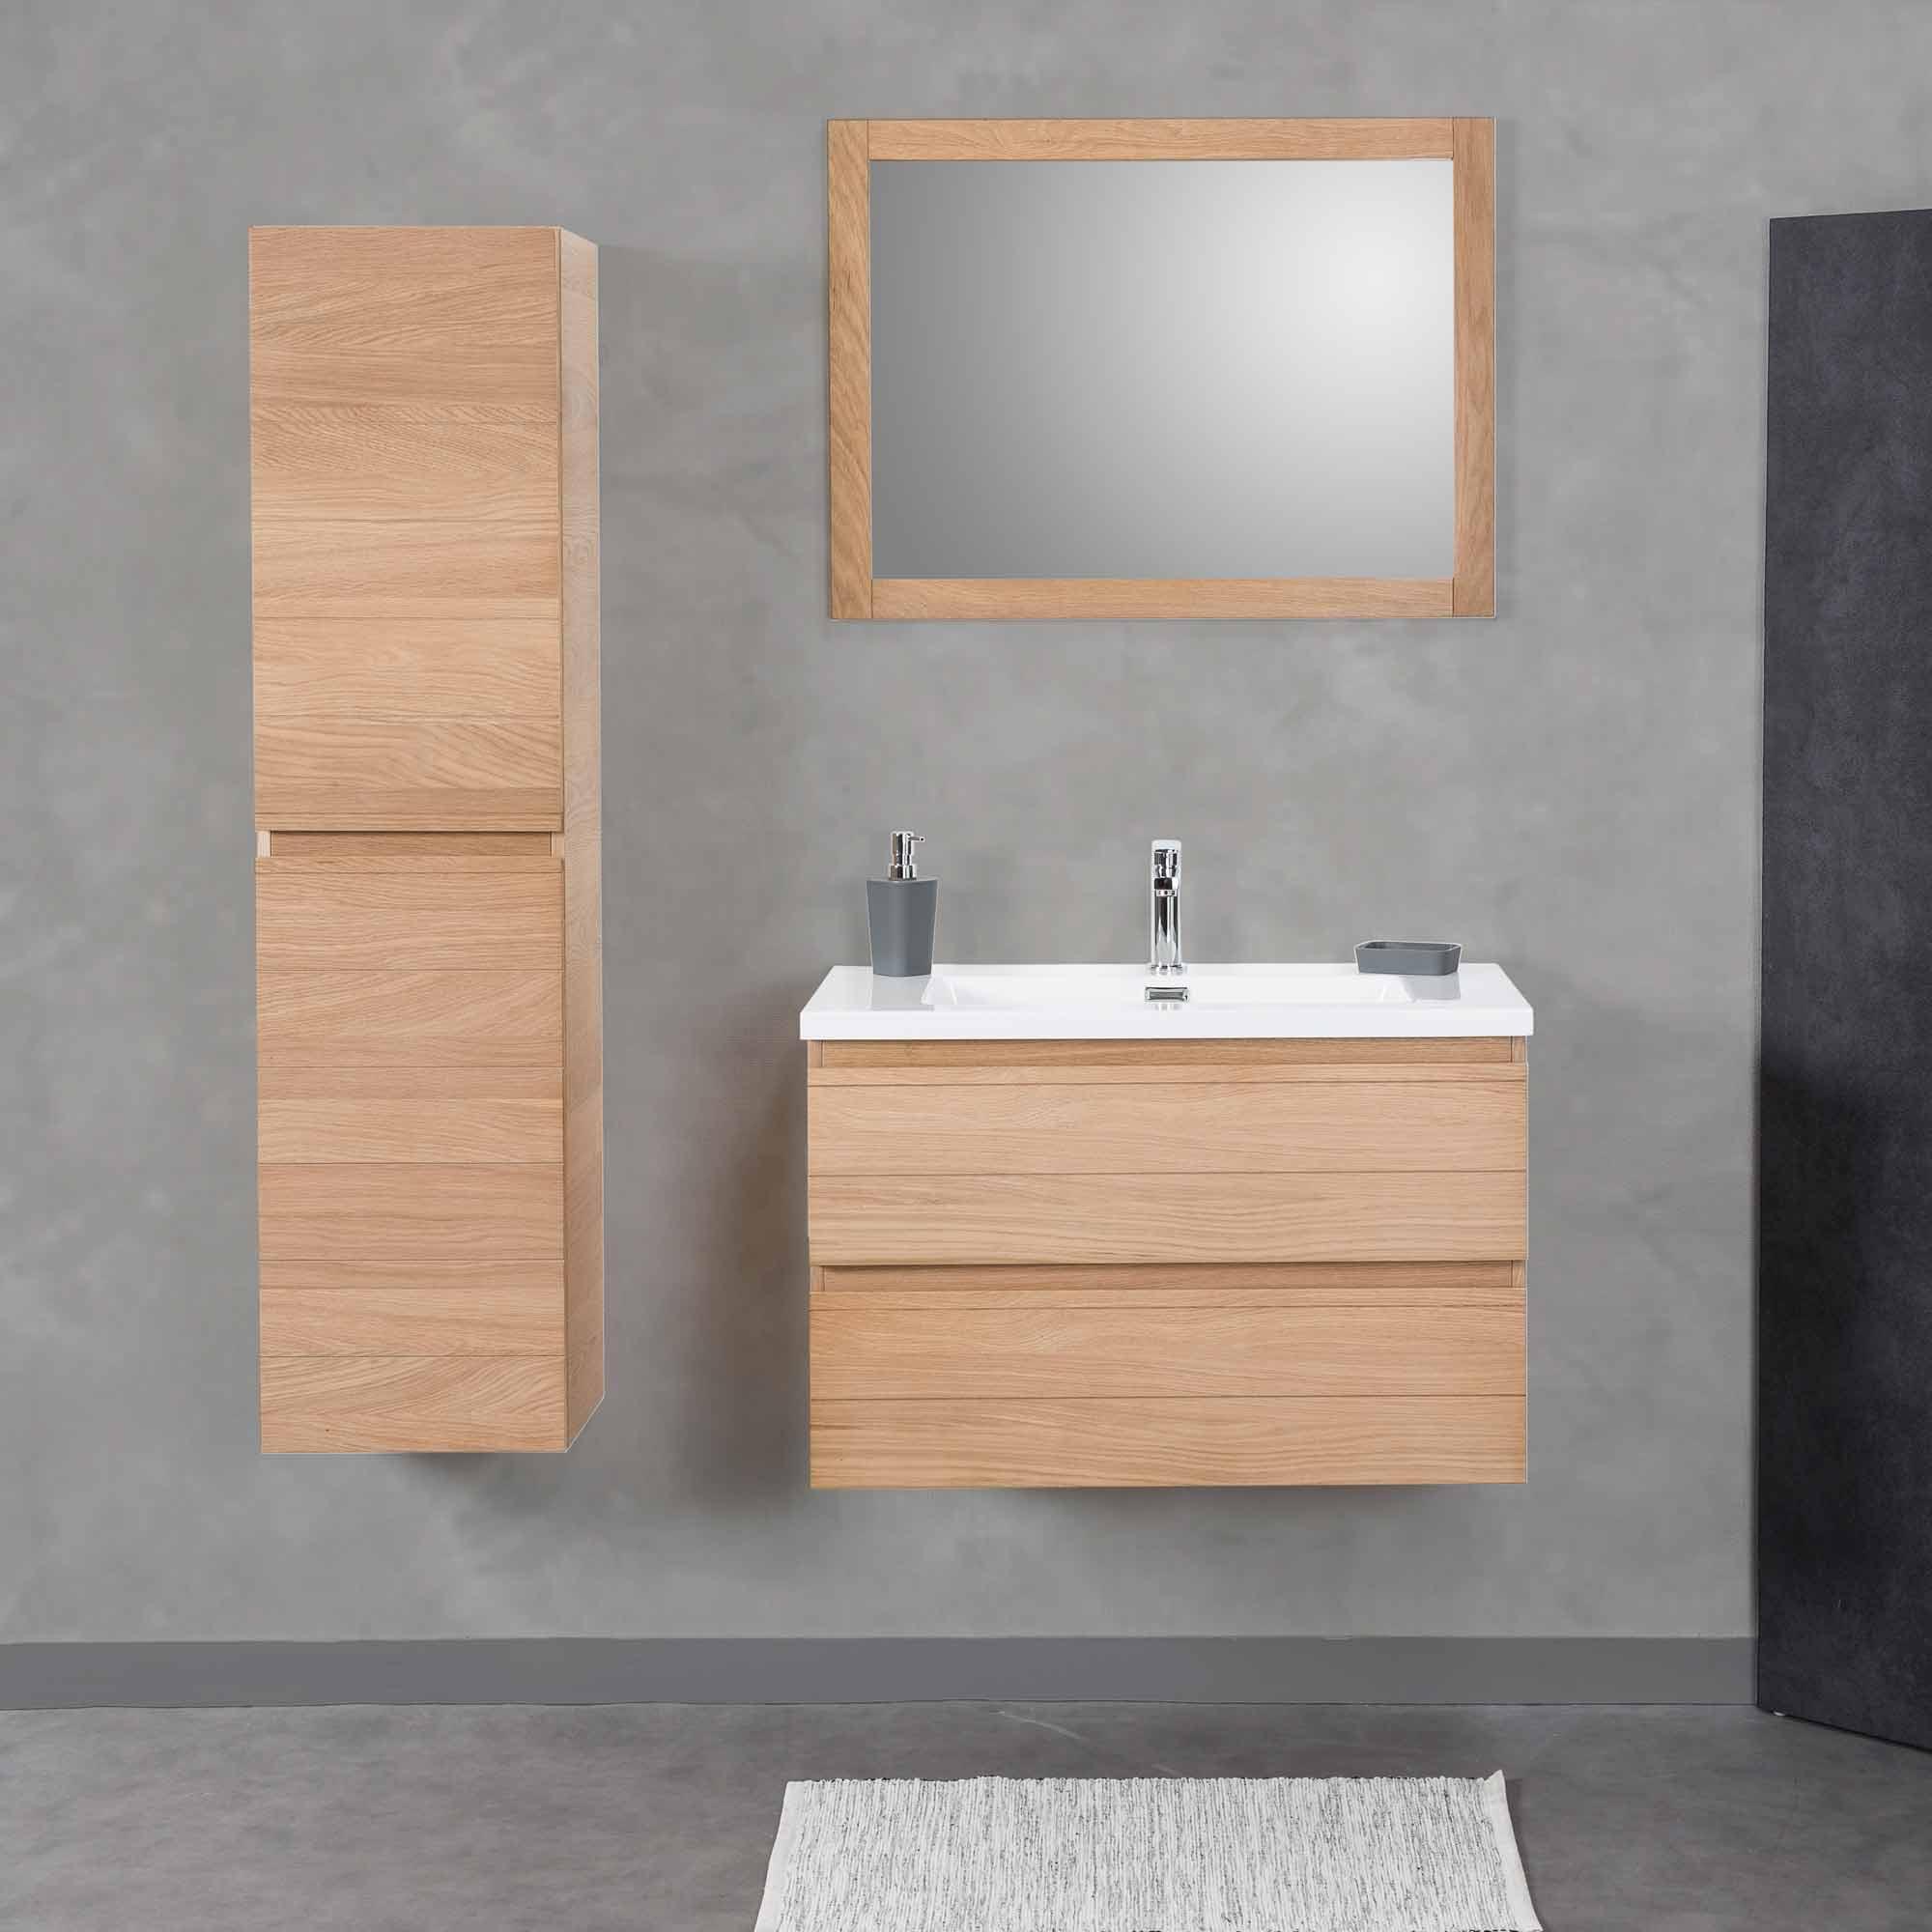 Meuble cuisine et salle de bain pas cher - Idée pour cuisine